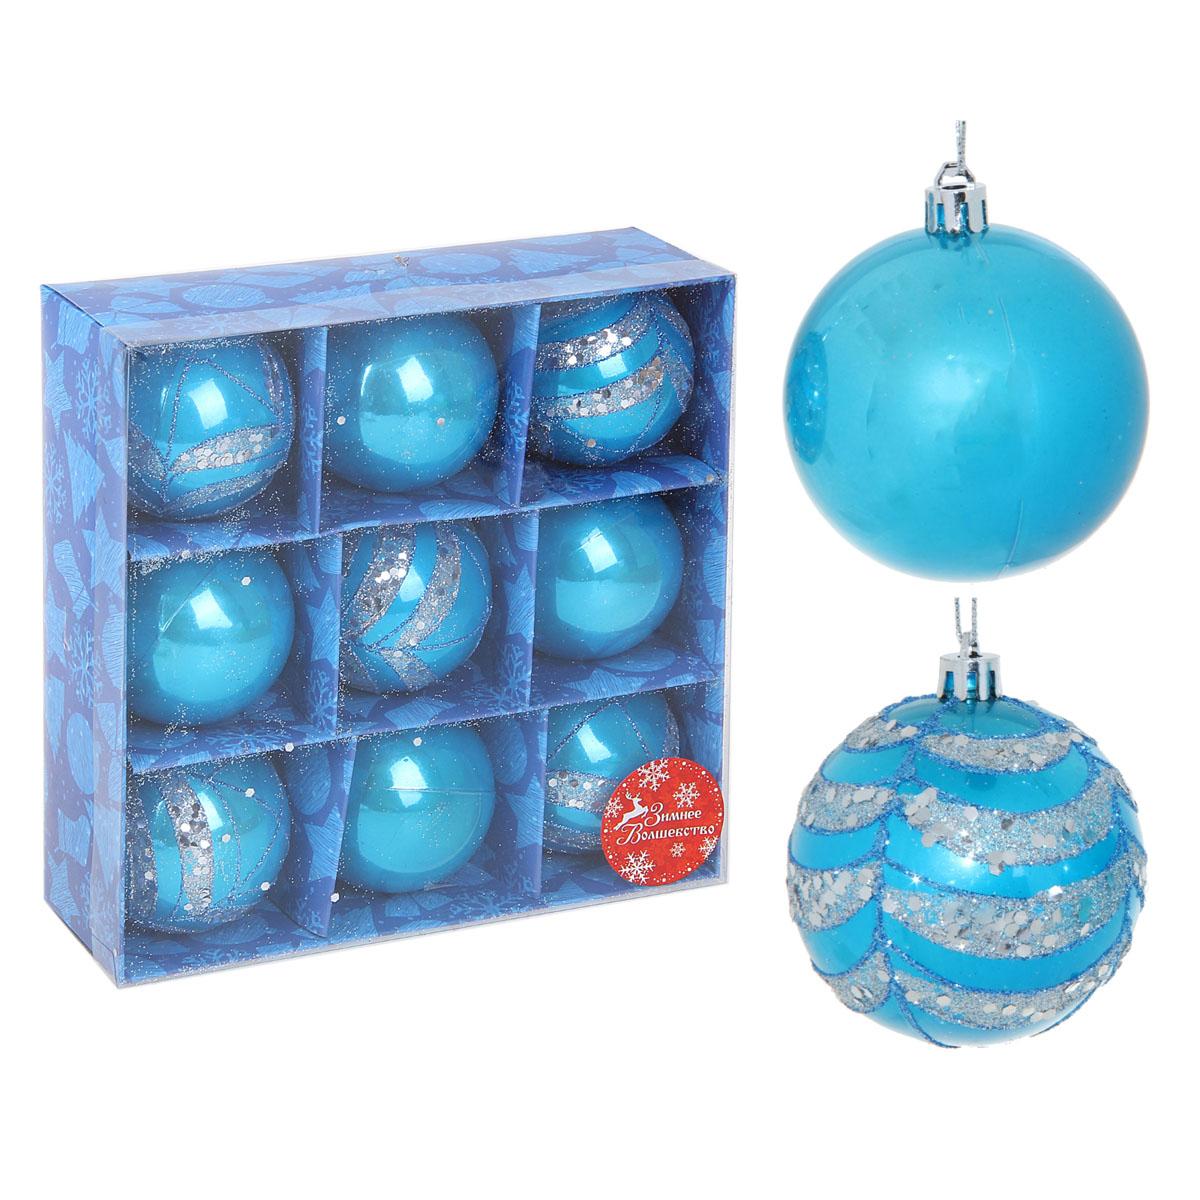 Набор новогодних подвесных украшений Sima-land Шар, цвет: голубой, диаметр 6,5 см, 9 шт. 813055813055Набор новогодних подвесных украшений выполнен из высококачественного пластика в форме шаров 2-х видов: четыре однотонных и пять с орнаментом и блестками. С помощью специальной петельки украшение можно повесить в любом понравившемся вам месте. Но, конечно, удачнее всего такой набор будет смотреться на праздничной елке.Елочная игрушка - символ Нового года. Она несет в себе волшебство и красоту праздника. Создайте в своем доме атмосферу веселья и радости, украшая новогоднюю елку нарядными игрушками, которые будут из года в год накапливать теплоту воспоминаний. Материал: пенопласт, пленка, текстиль.